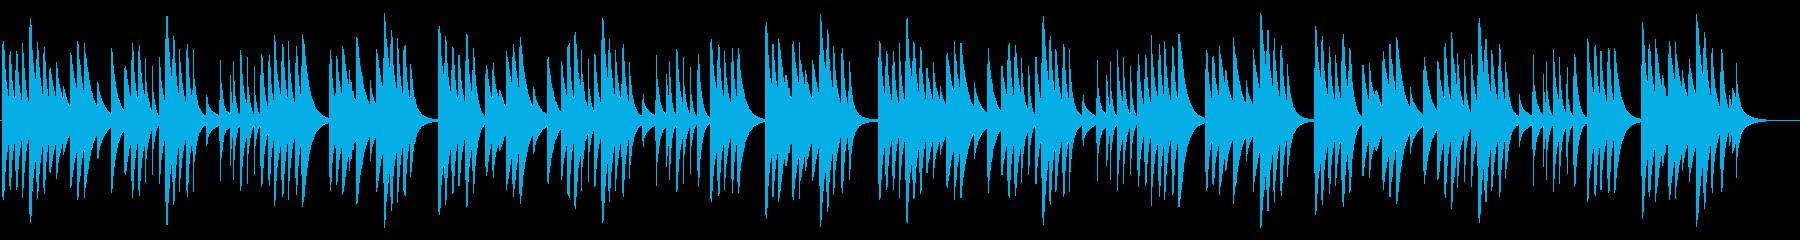 夕焼け小焼け 18弁オルゴール の再生済みの波形